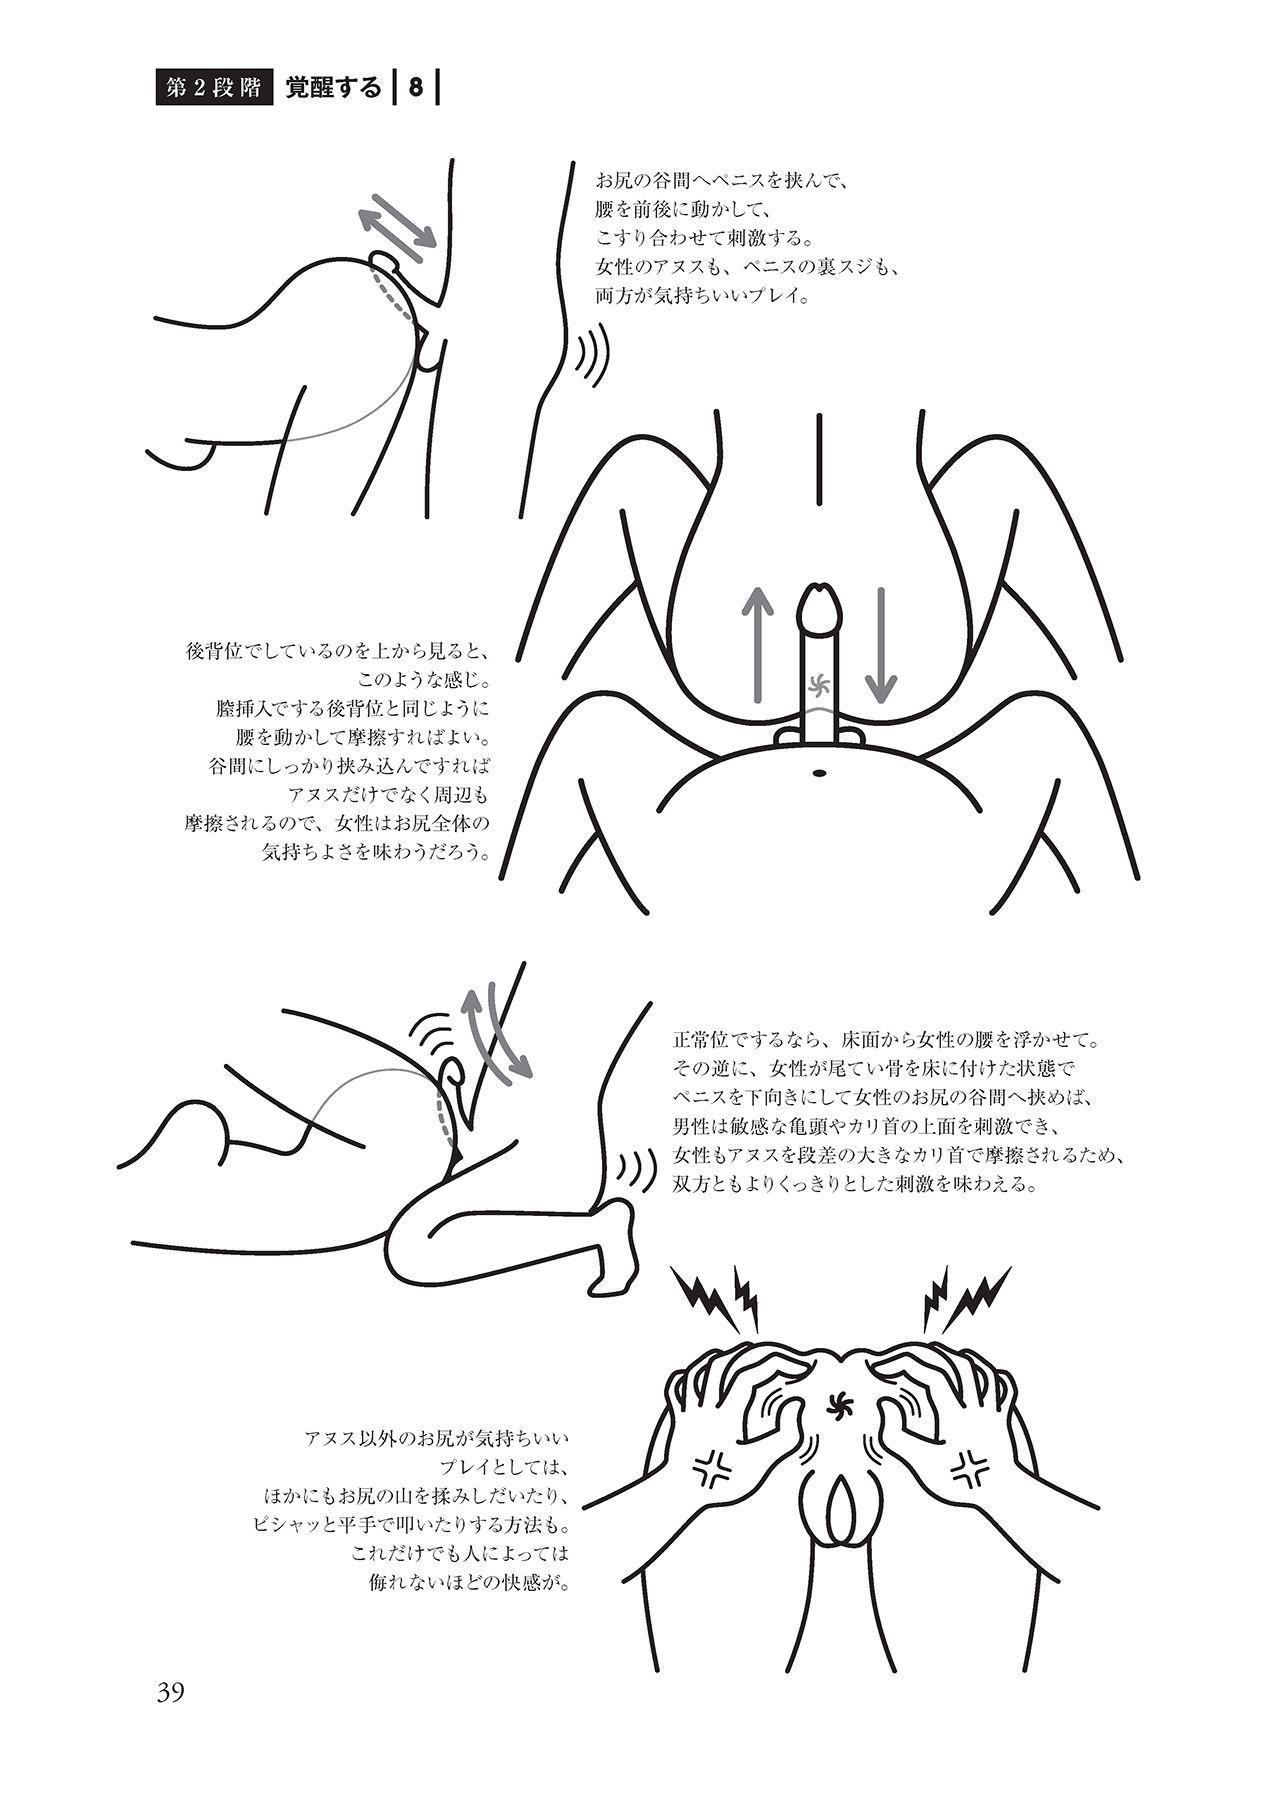 アナル性感開発・お尻エッチ 完全マニュアル 40